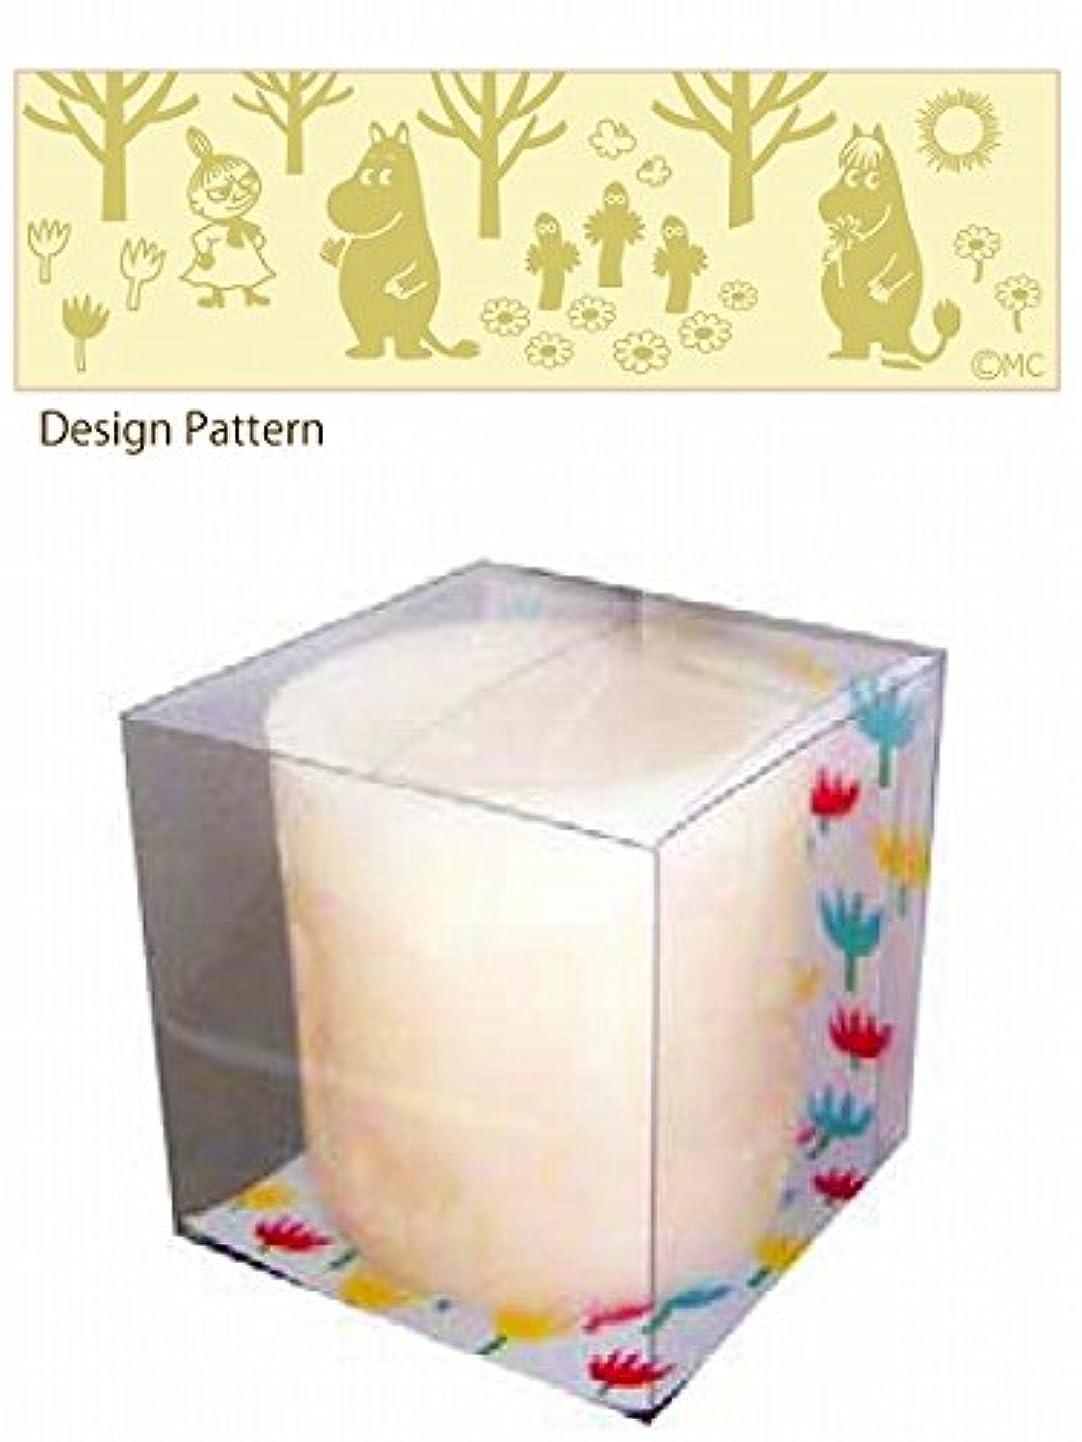 振るジャケット王朝カメヤマキャンドル(kameyama candle) ムーミン LEDキャンドル 「 フォレスト 」